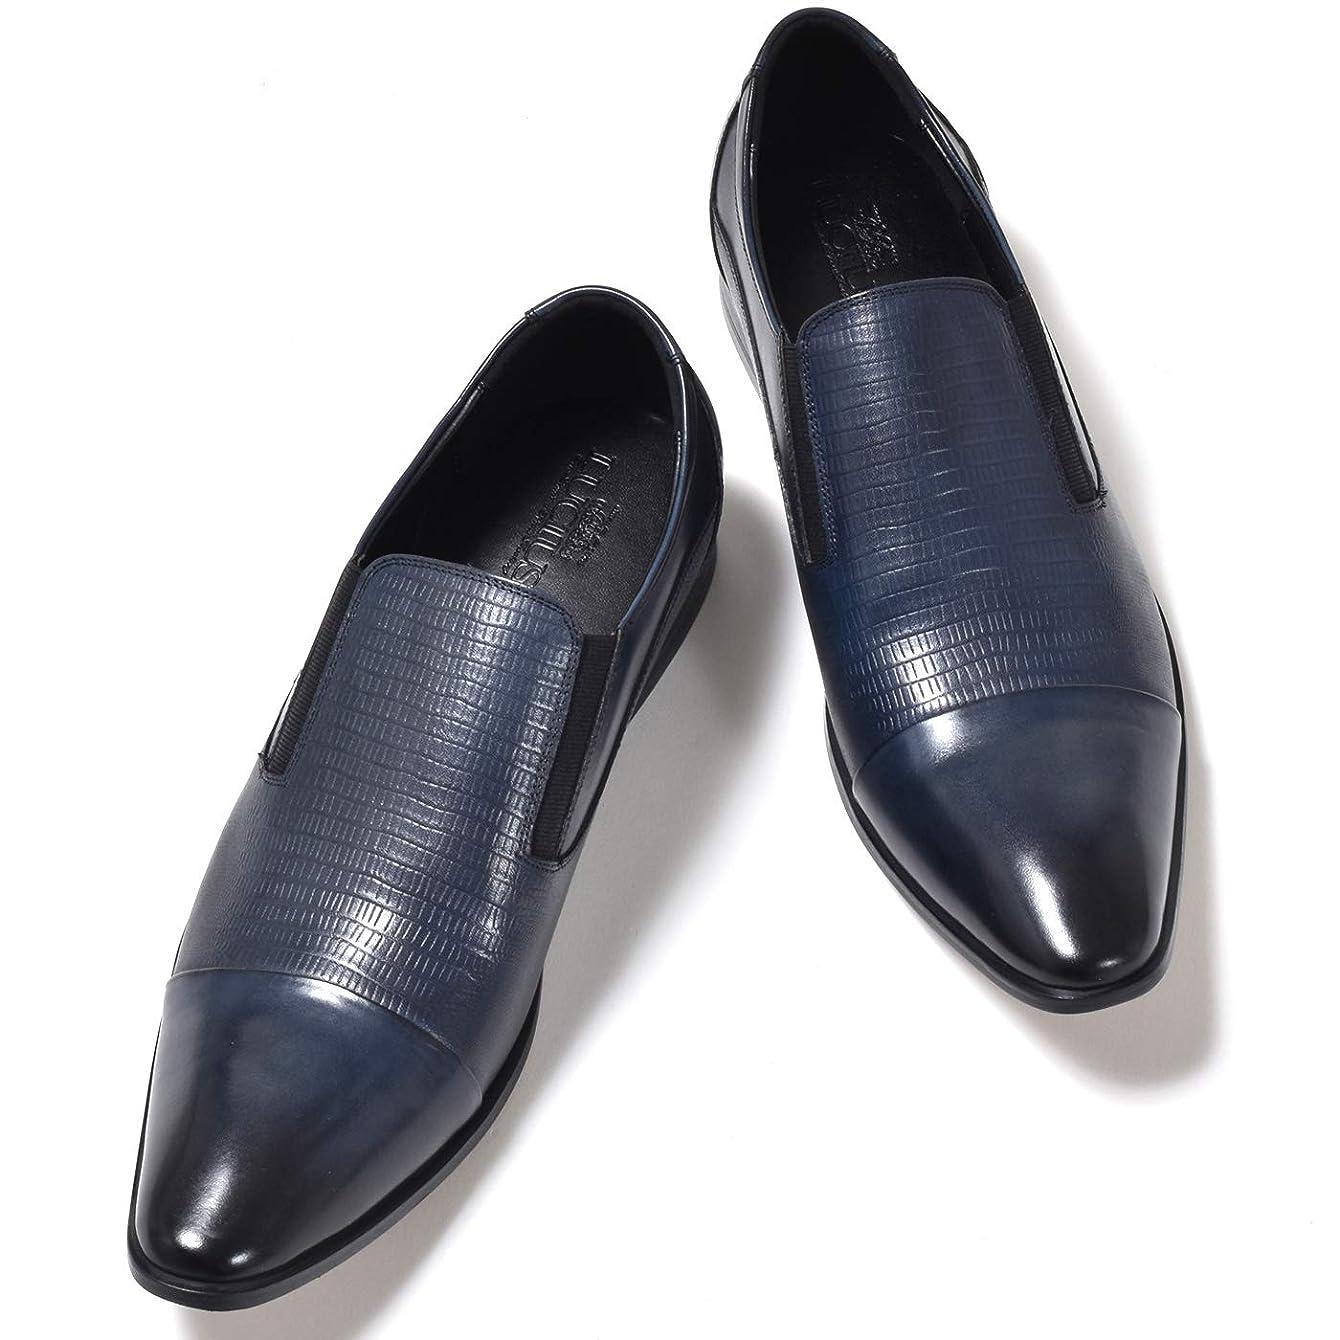 有彩色のきちんとしたレシピローファー メンズ 革靴 スリッポン ビジネスシューズ レザー 型押し ドレスシューズ サイドゴア 紳士靴 春 靴 【HA18519-3-CPZ】